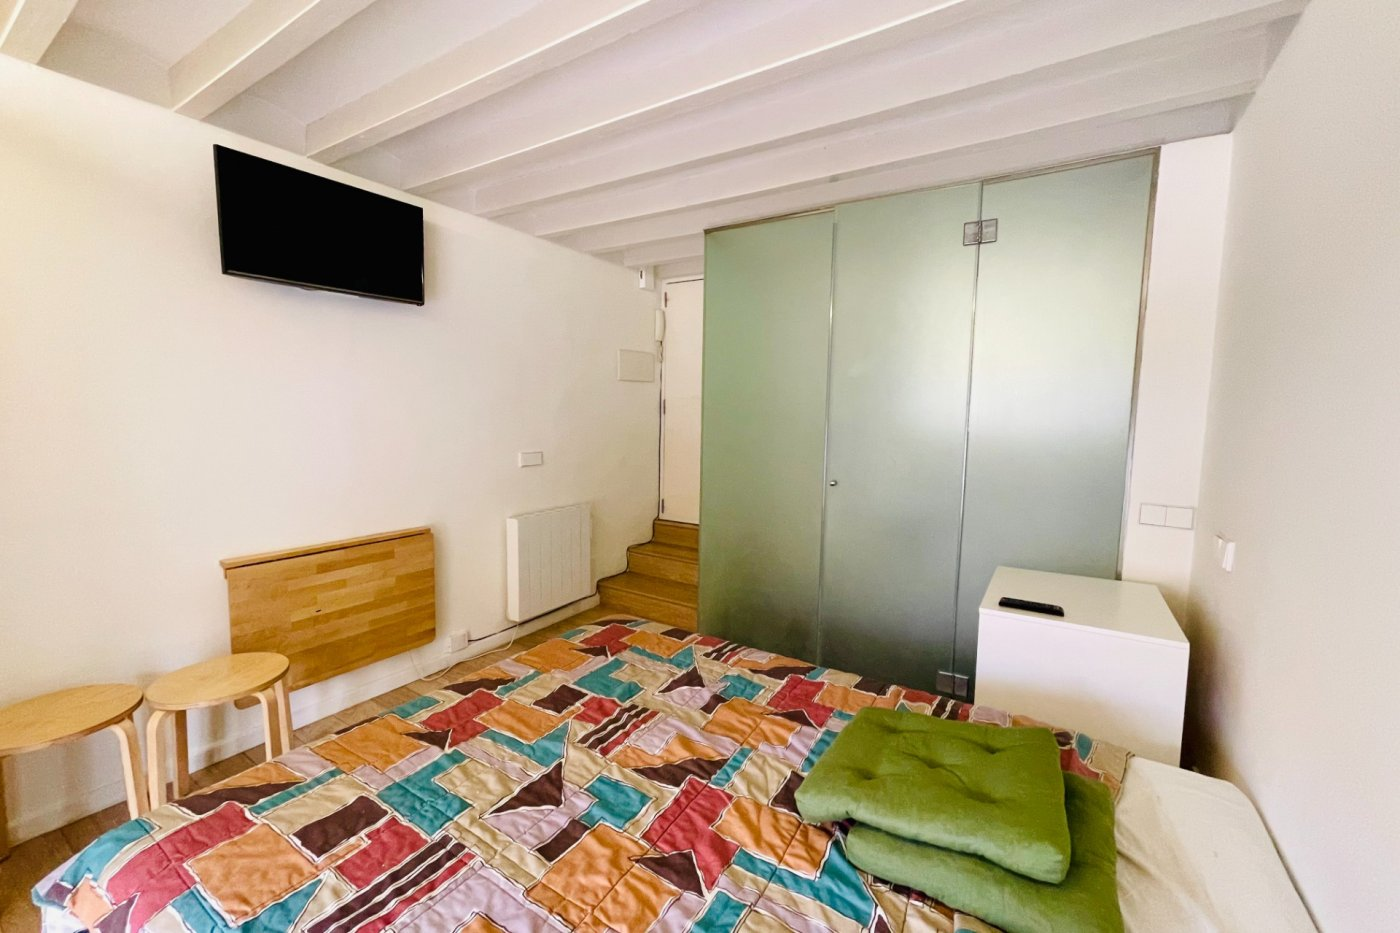 Céntrica oficina   de 16 m² totalmente reformado y muy luminoso en avenida portugal - imagenInmueble2